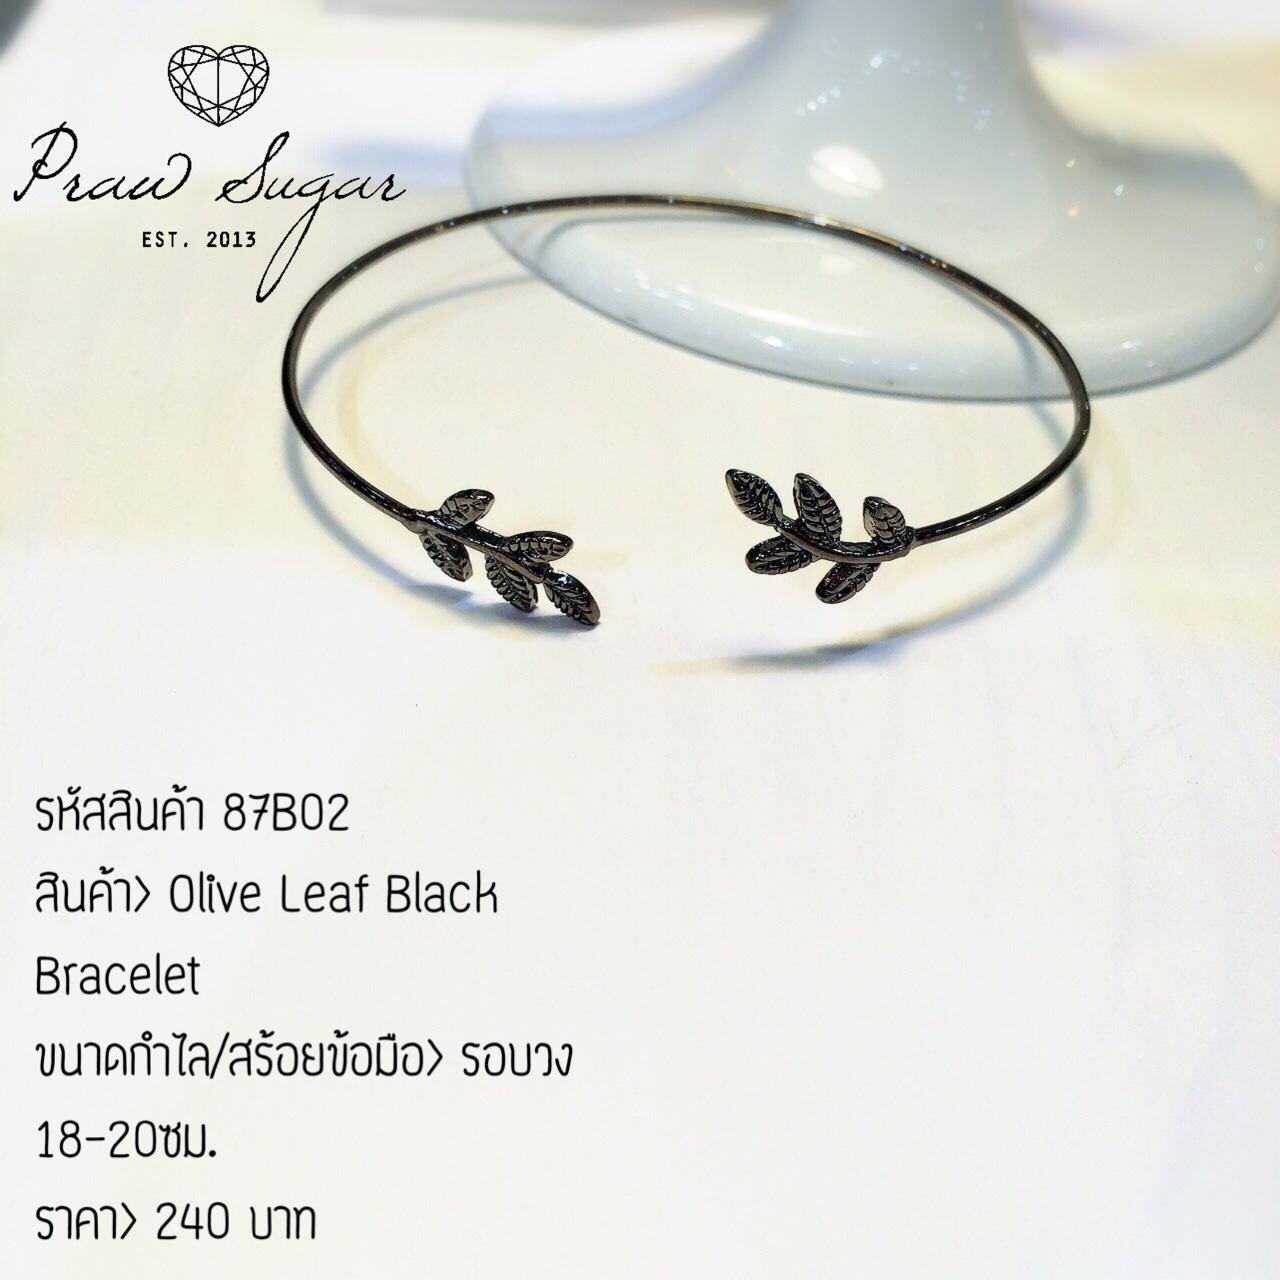 Olive Leaf Black Bracelet